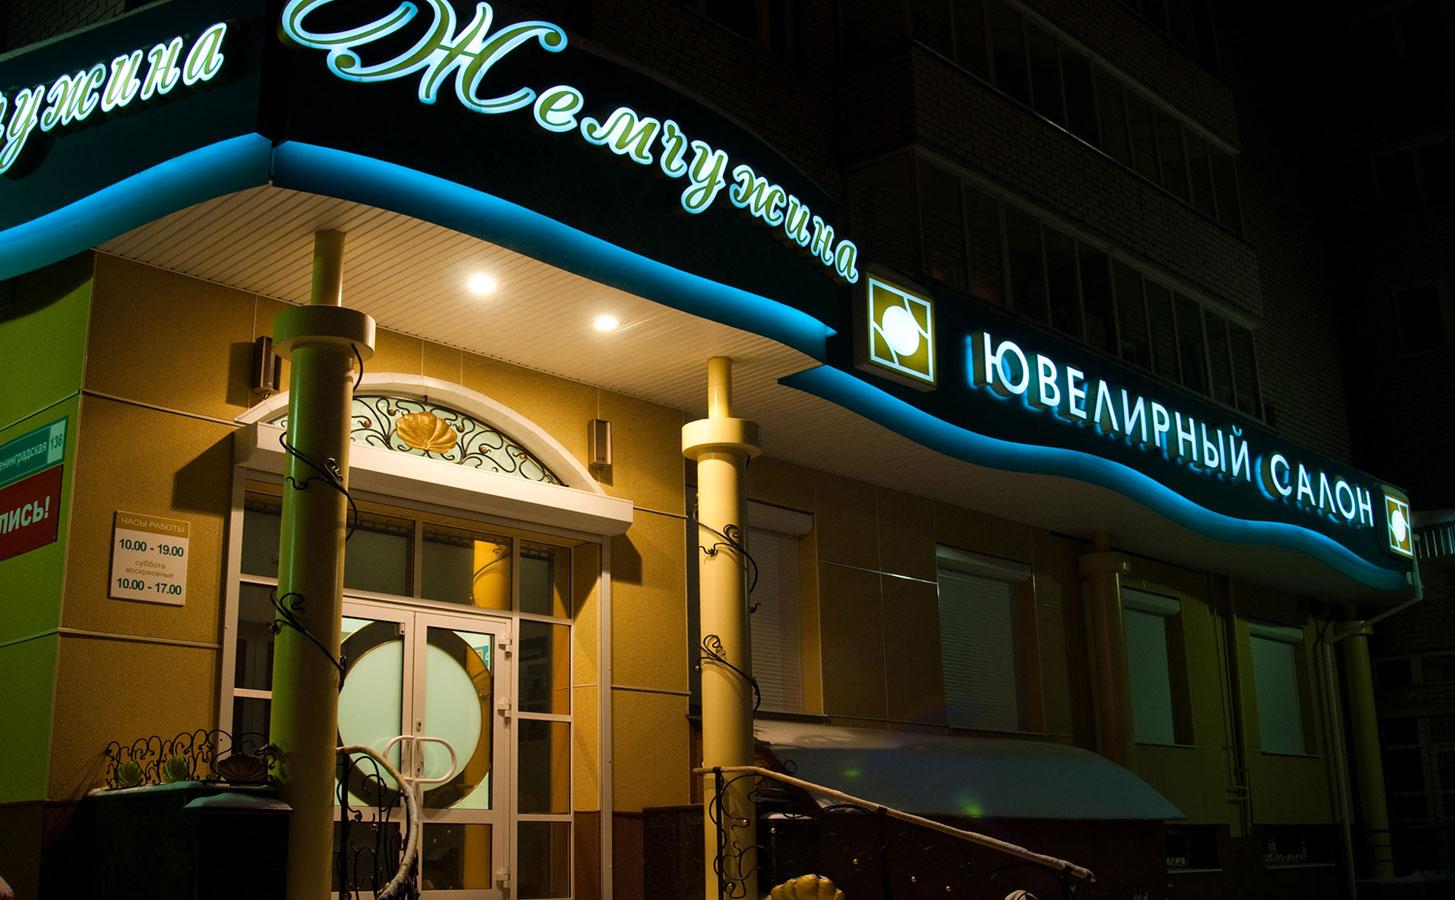 Ювелирный салон Жемчужина Ленинградская 136 - (Фото 1)